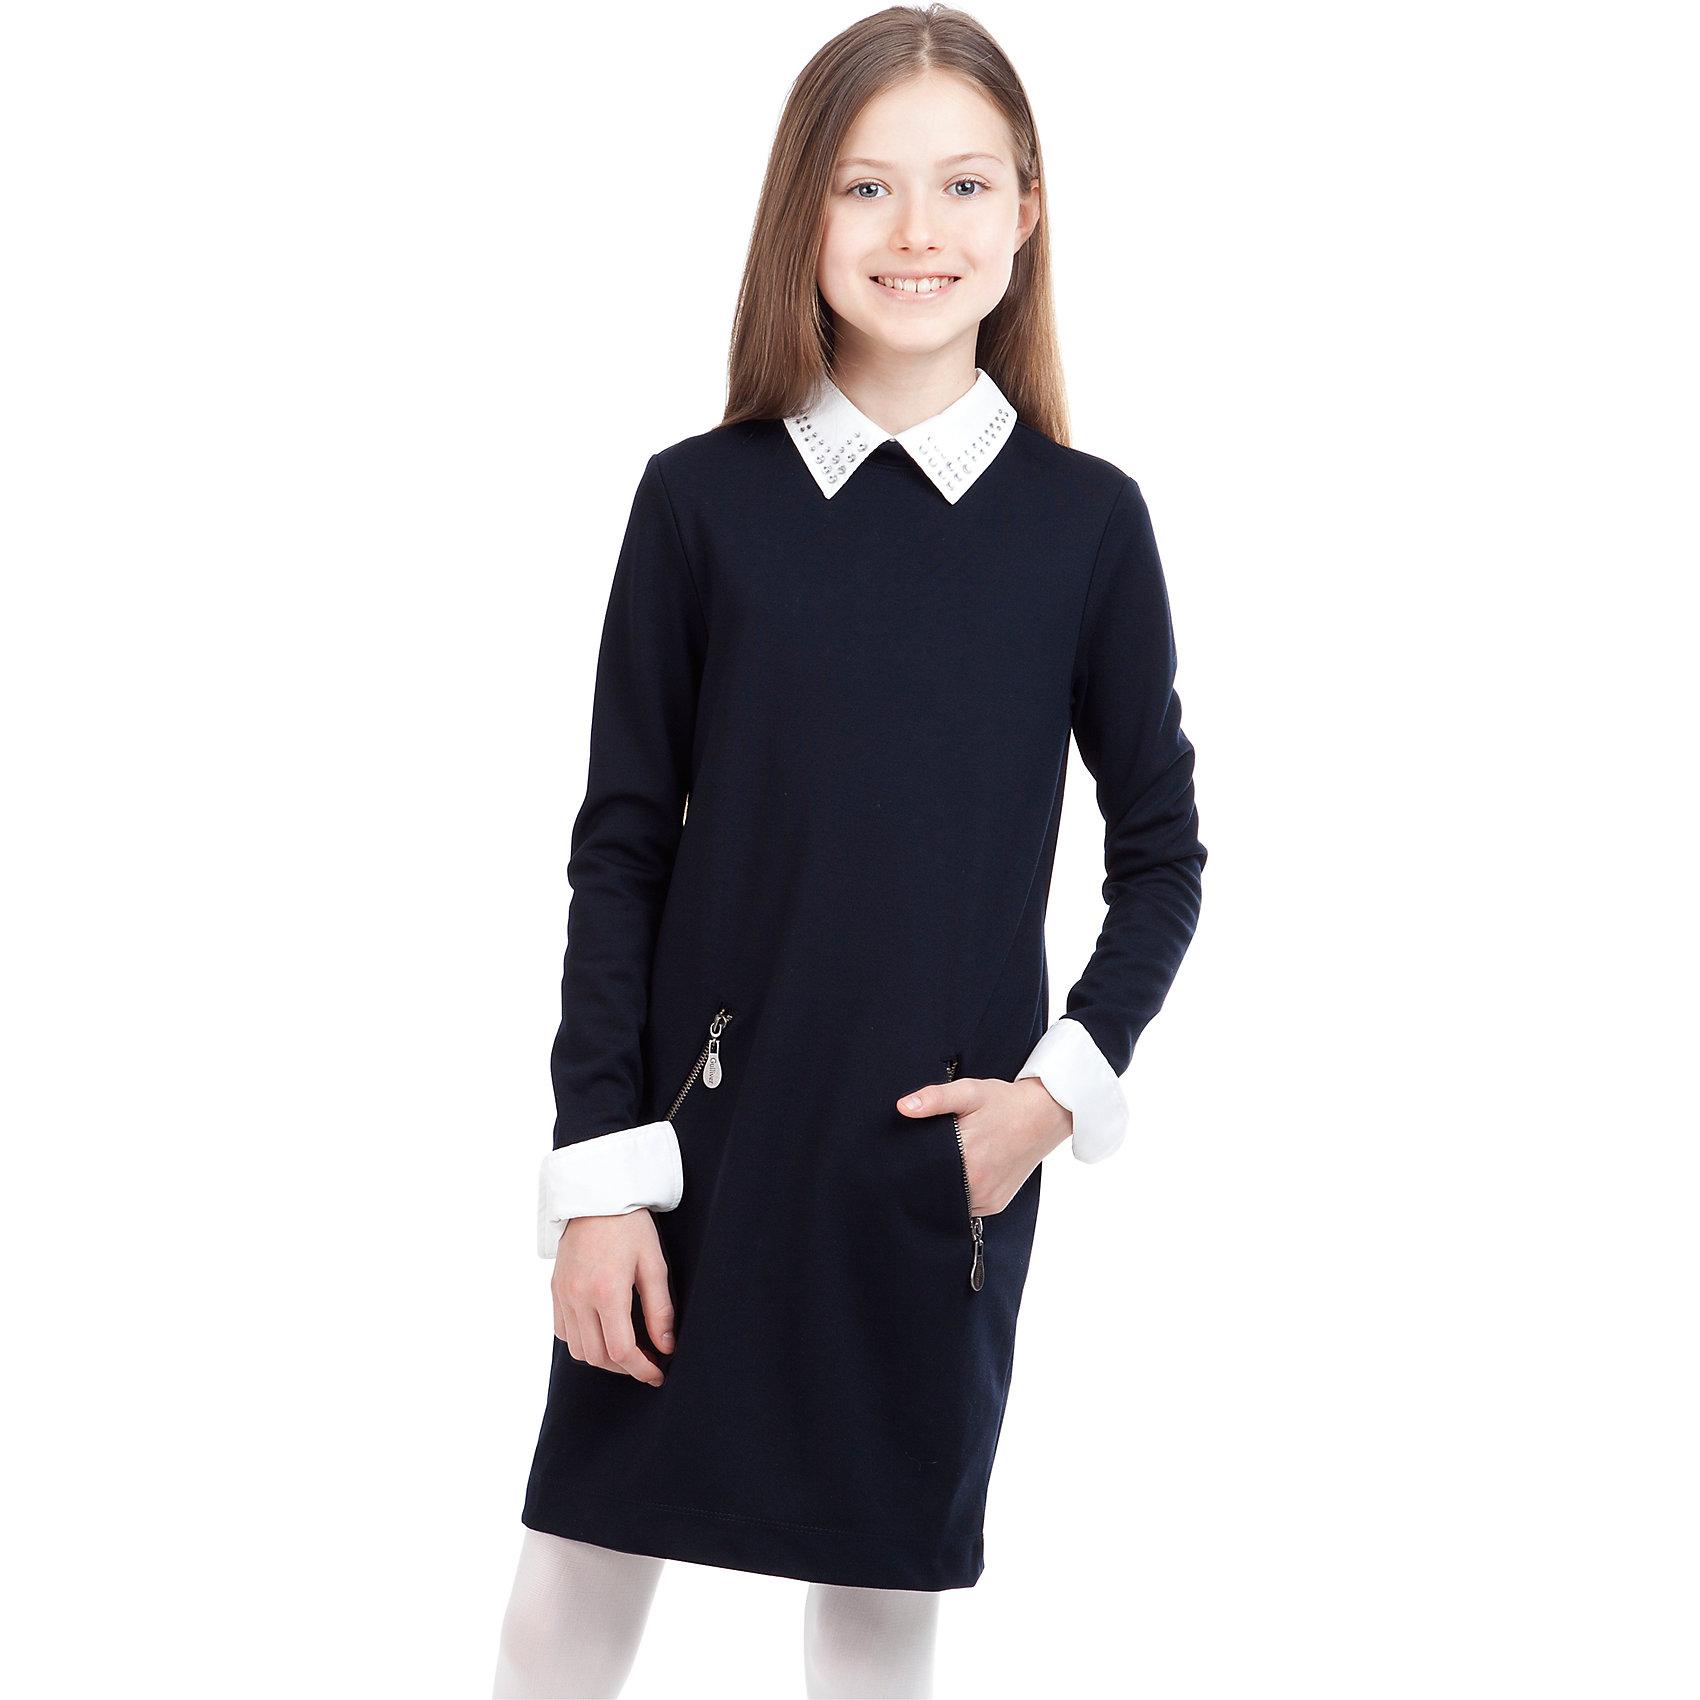 Платье GulliverПлатья и сарафаны<br>Платье для девочки от российской марки Gulliver.<br>Замечательное платье из трикотажного футера  - практичное комфортное решение на каждый день. Оно не стесняет движений,  имеет удобные карманы для хранения девичьих секретов. Съемные воротник и манжеты  упрощают уход за изделием, напоминая мамам их школьные годы, когда воротнички и манжеты нужно было отпарывать для замены. Мягкий округлый силуэт сарафана гарантирует отличную посадку на всех типах  детской фигуры. Состав и плотность трикотажного полотна придают ощущение добротности, долговечности вещи.<br>Состав:<br>72% полиэстер 24% вискоза             4% эластан<br><br>Ширина мм: 236<br>Глубина мм: 16<br>Высота мм: 184<br>Вес г: 177<br>Цвет: черный<br>Возраст от месяцев: 156<br>Возраст до месяцев: 168<br>Пол: Женский<br>Возраст: Детский<br>Размер: 164,158,128,122,134,152,140,146<br>SKU: 4174832